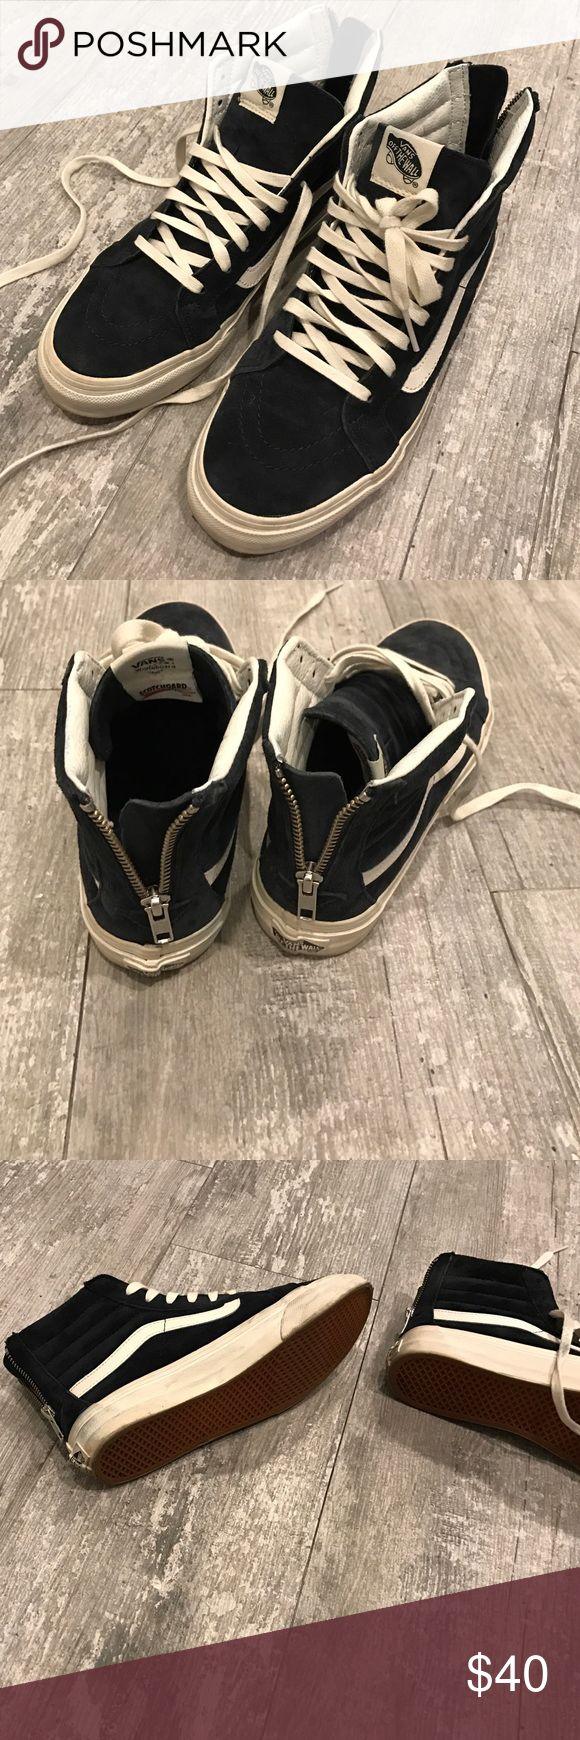 Vans women's high top sneaker Navy blue high top vans suede navy blue sz 6.5 Vans Shoes Sneakers